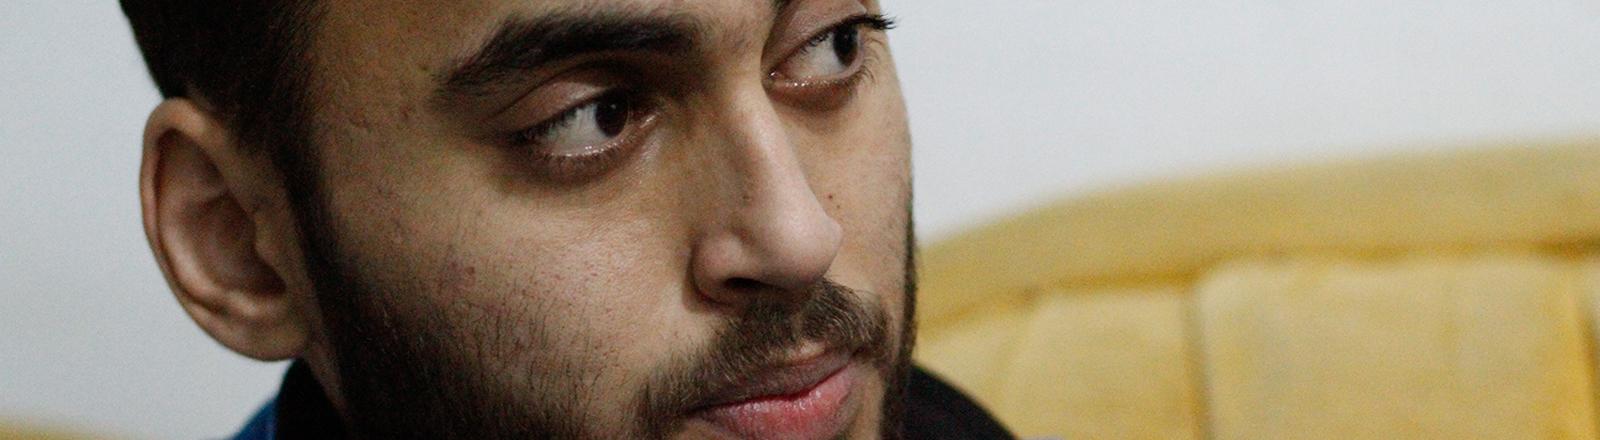 Der Syrer Mohammed wurde bei einem Bombenanschlag schwer verletzt.